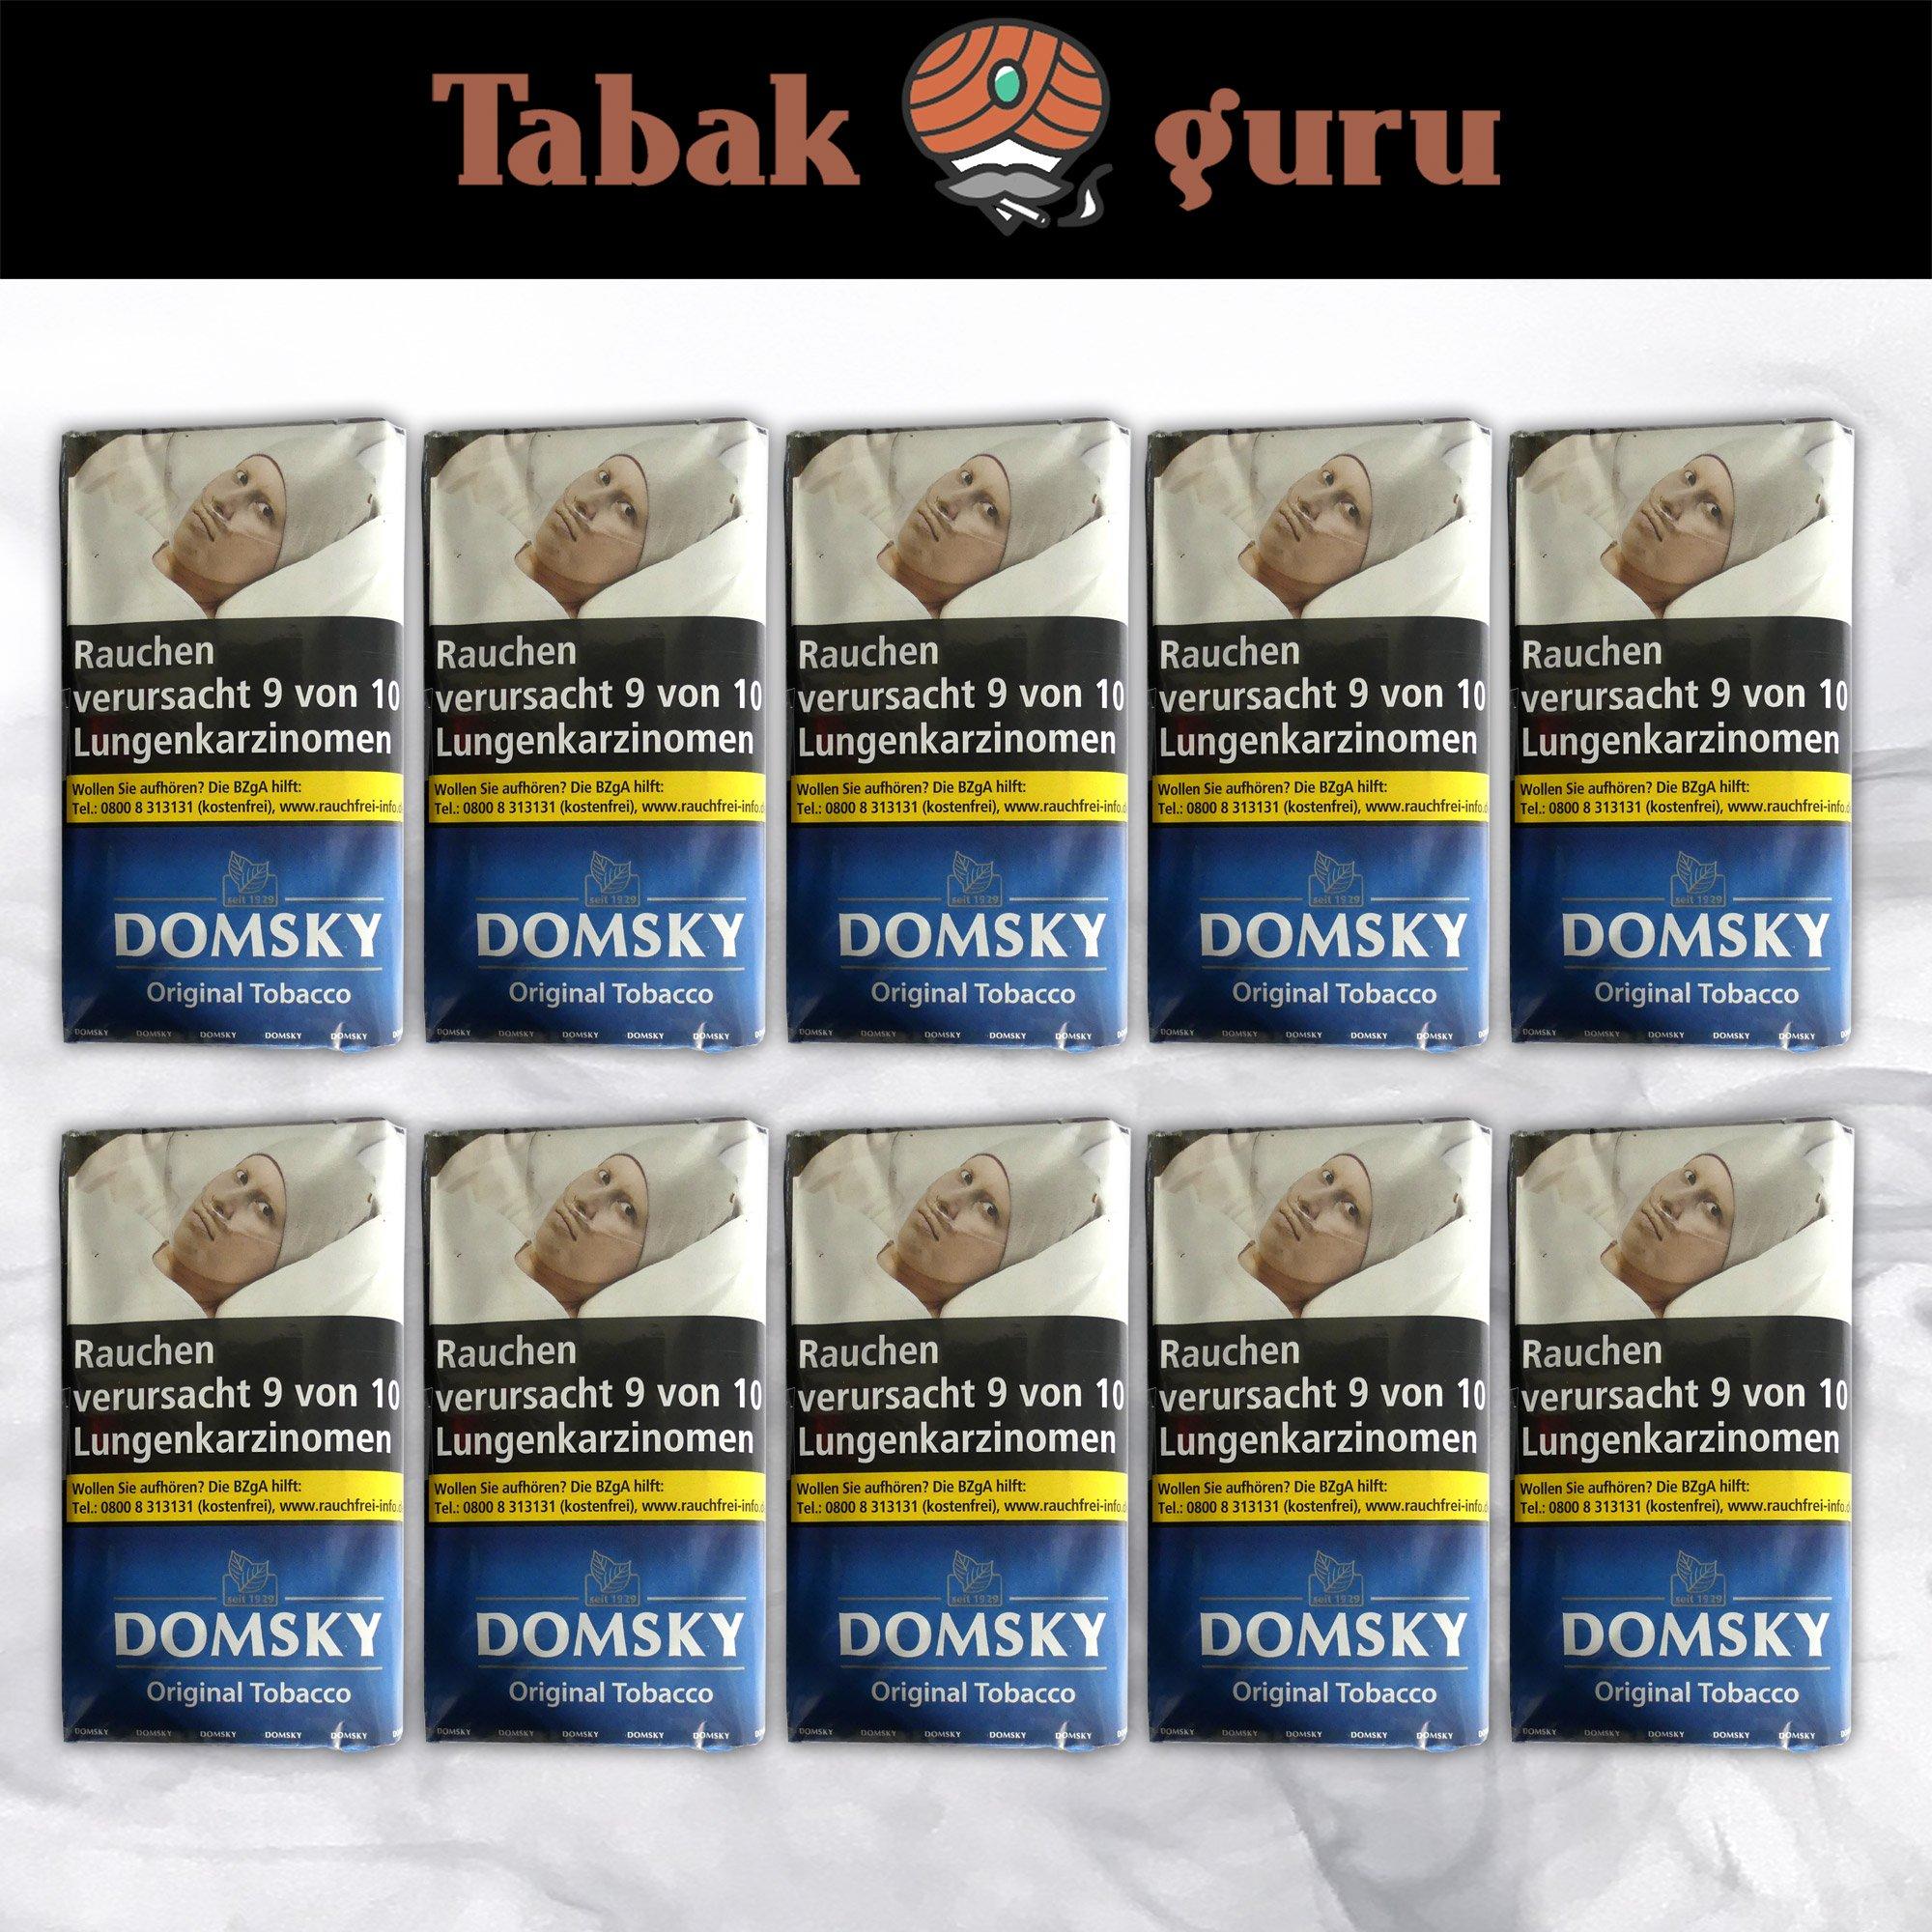 10 x DOMSKY Original Tobacco Drehtabak 40 g